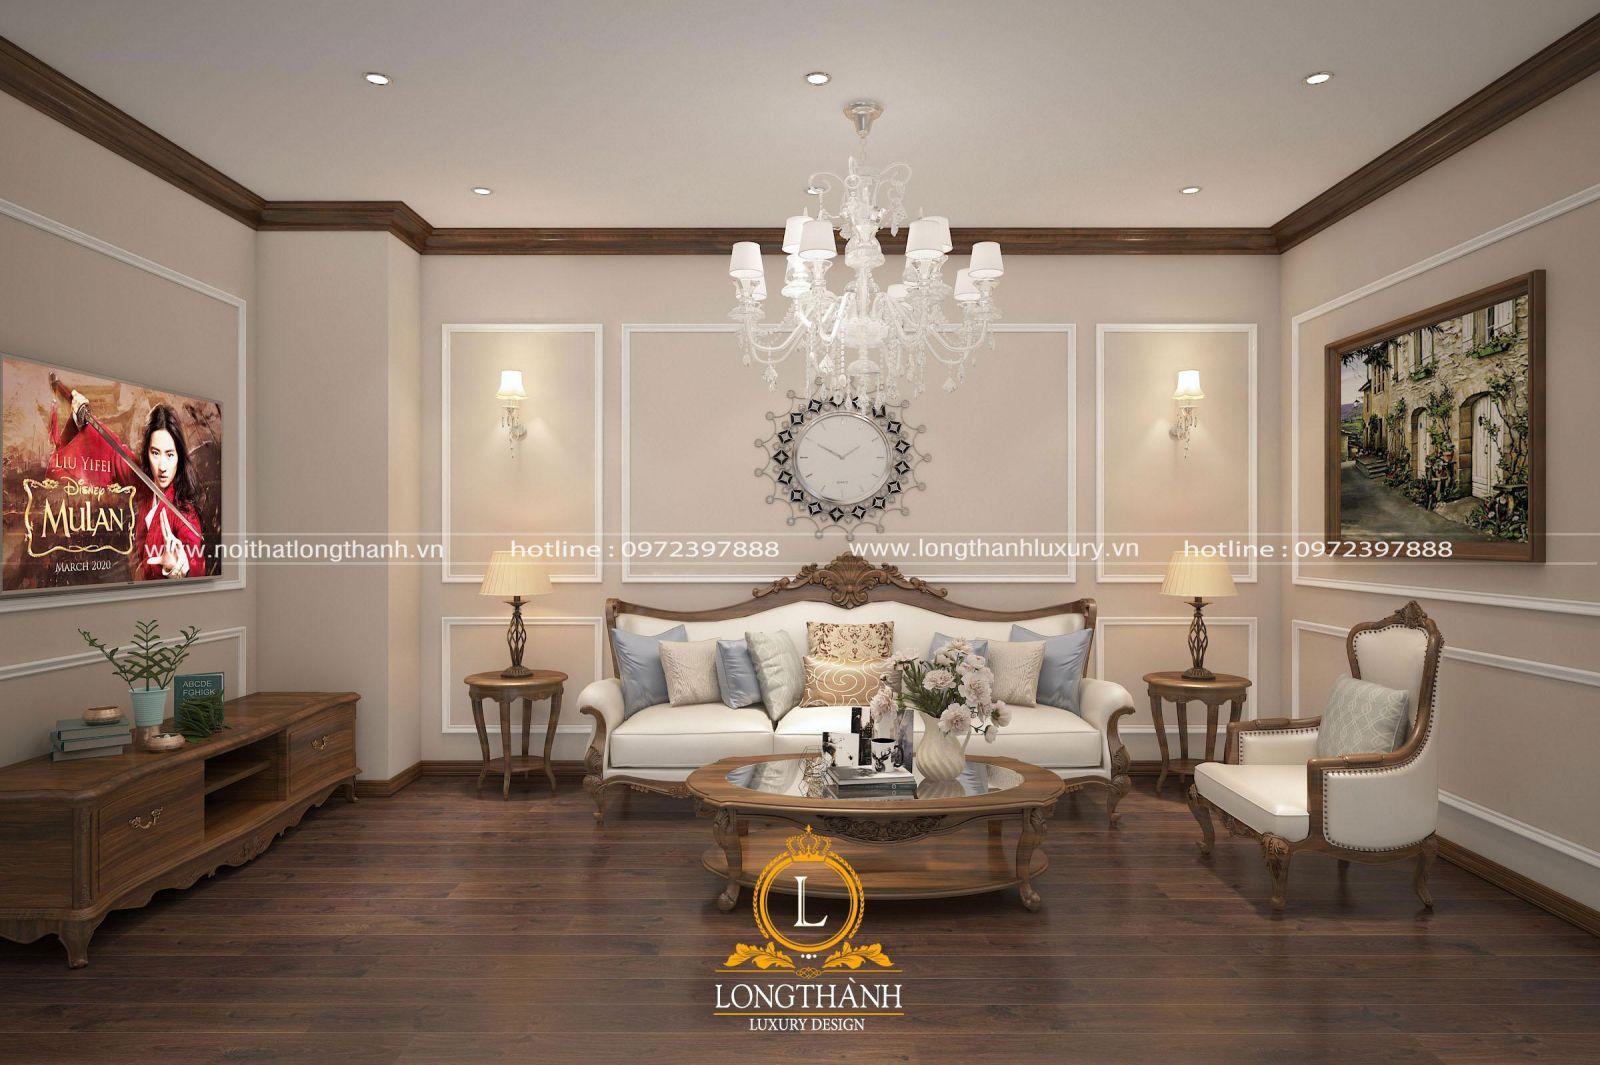 Thiết kế phòng sinh hoạt chung tân cổ điển với màu sắc nhẹ nhàng